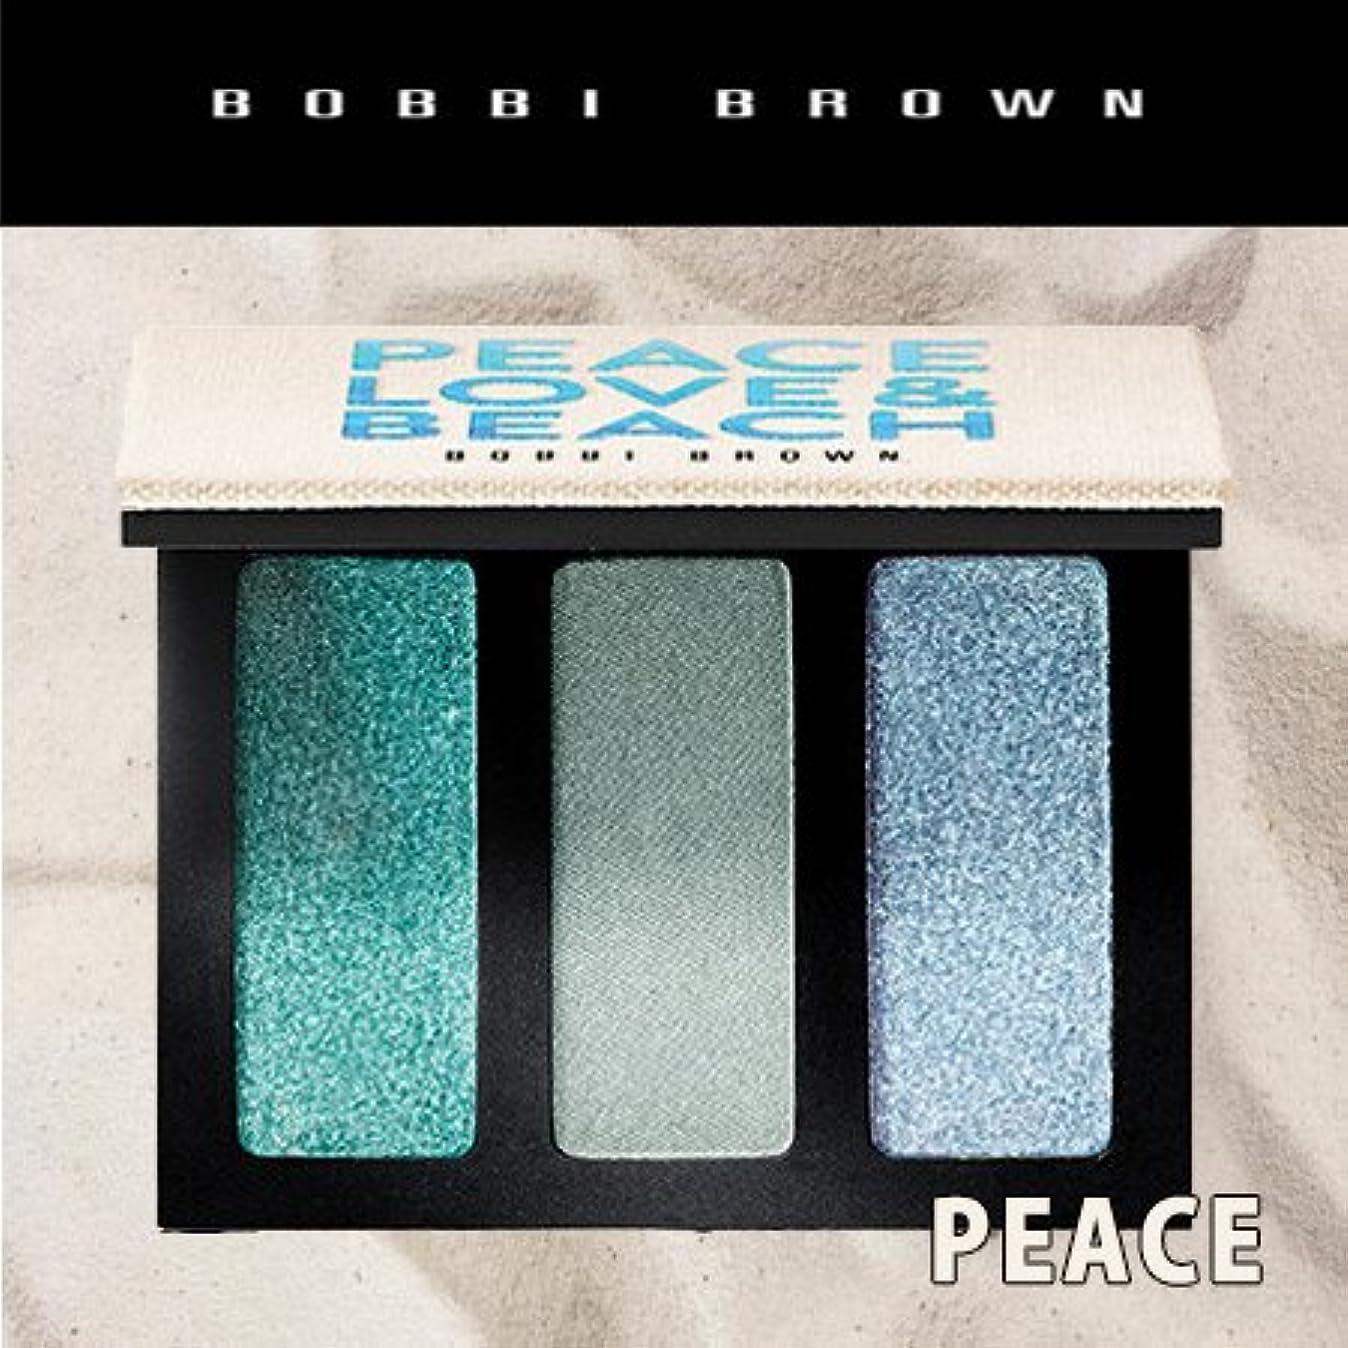 カメラ緊張するコスチュームボビイブラウン アイシャドウ トリオ ピース,ラブ&ビーチ #ピース PEACE (限定品) -BOBBI BROWN- 【並行輸入品】